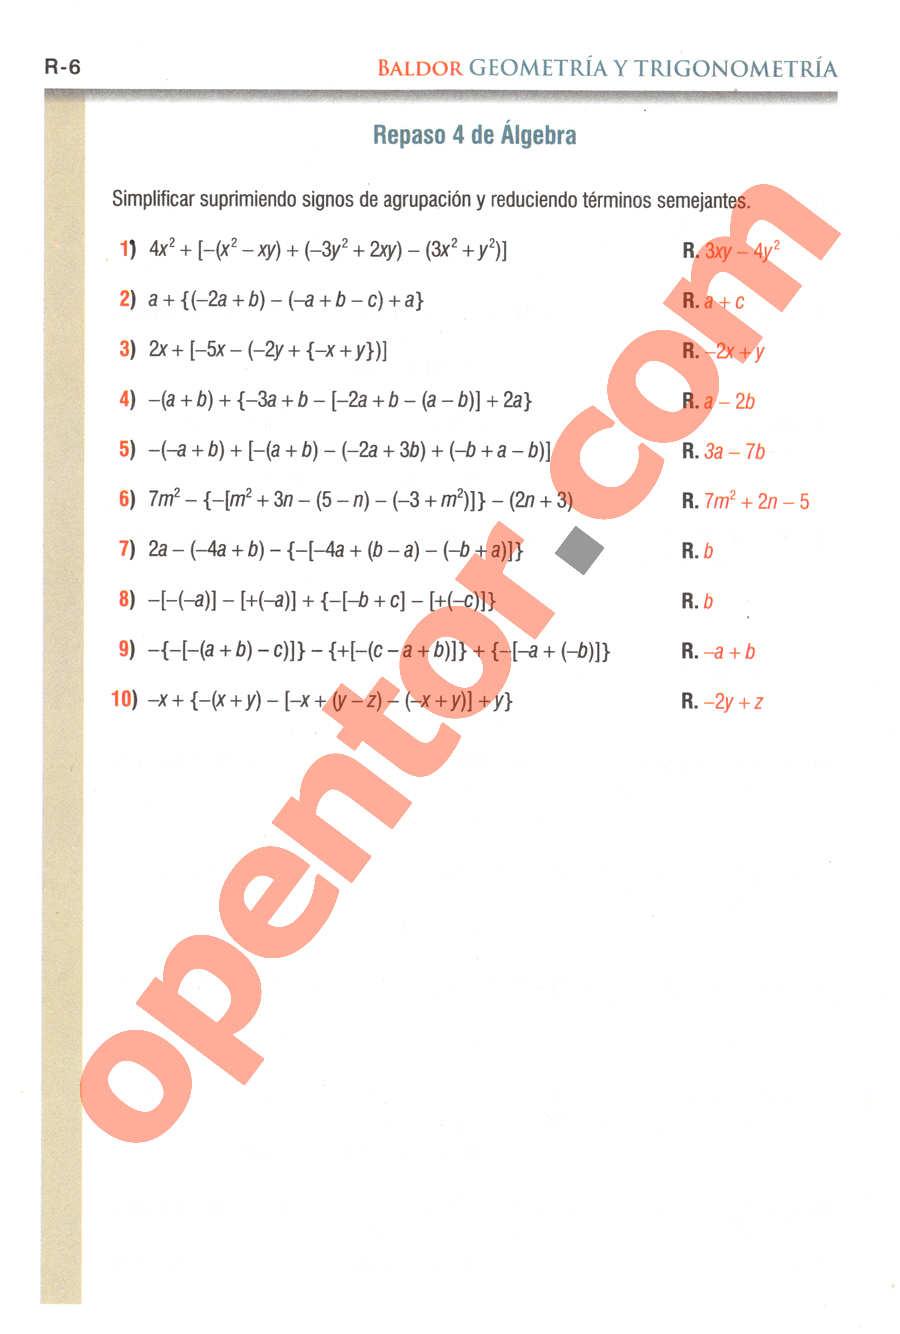 Geometría y Trigonometría de Baldor - Página R6